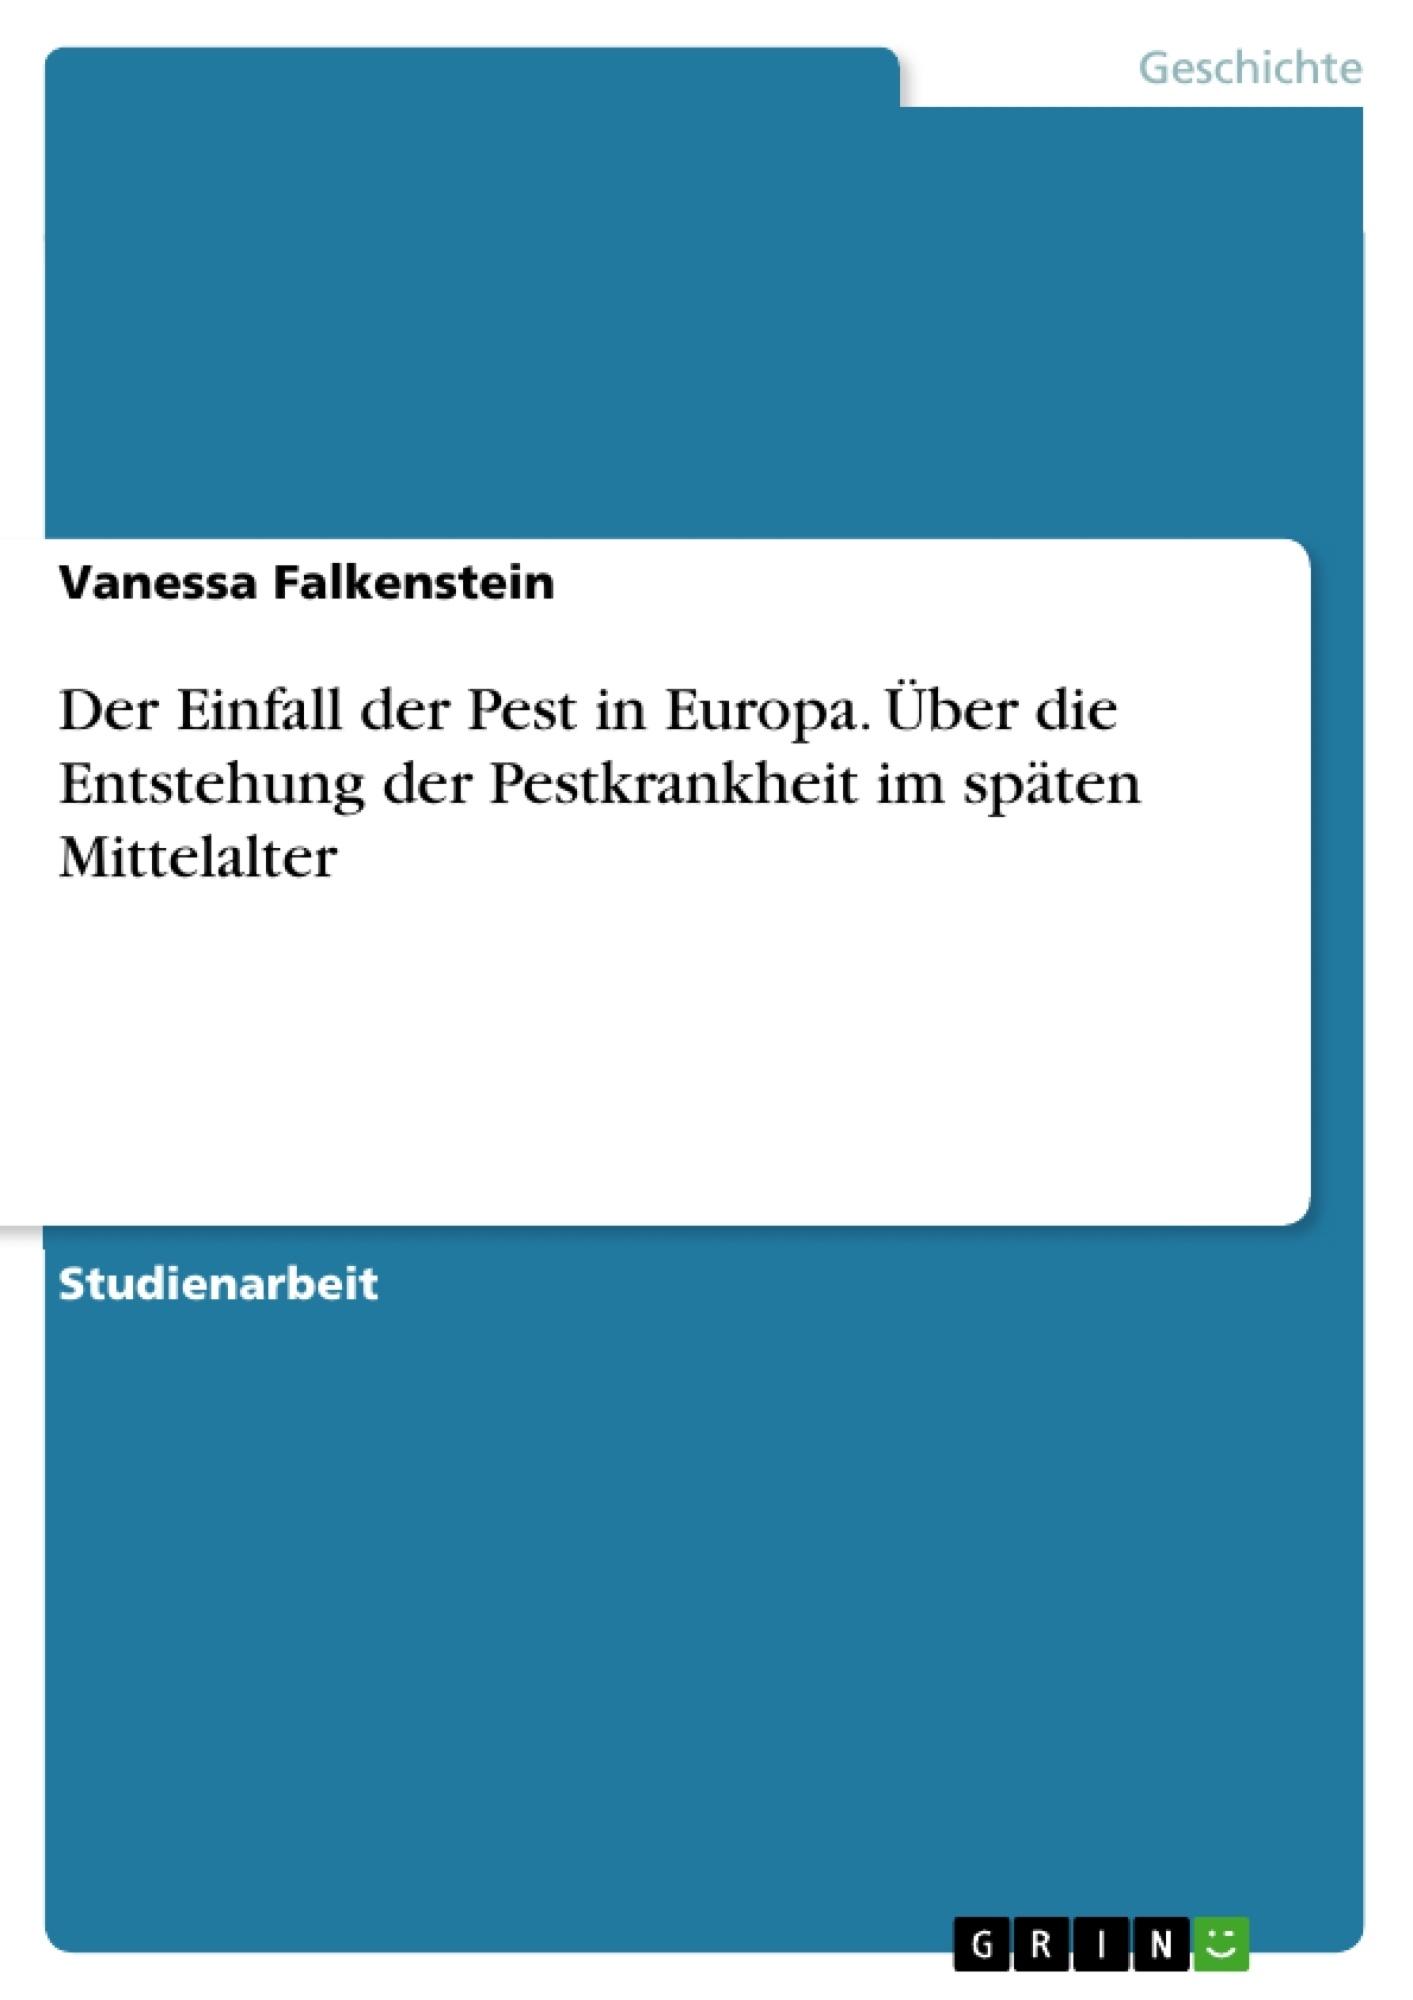 Titel: Der Einfall der Pest in Europa. Über die Entstehung der Pestkrankheit im späten Mittelalter